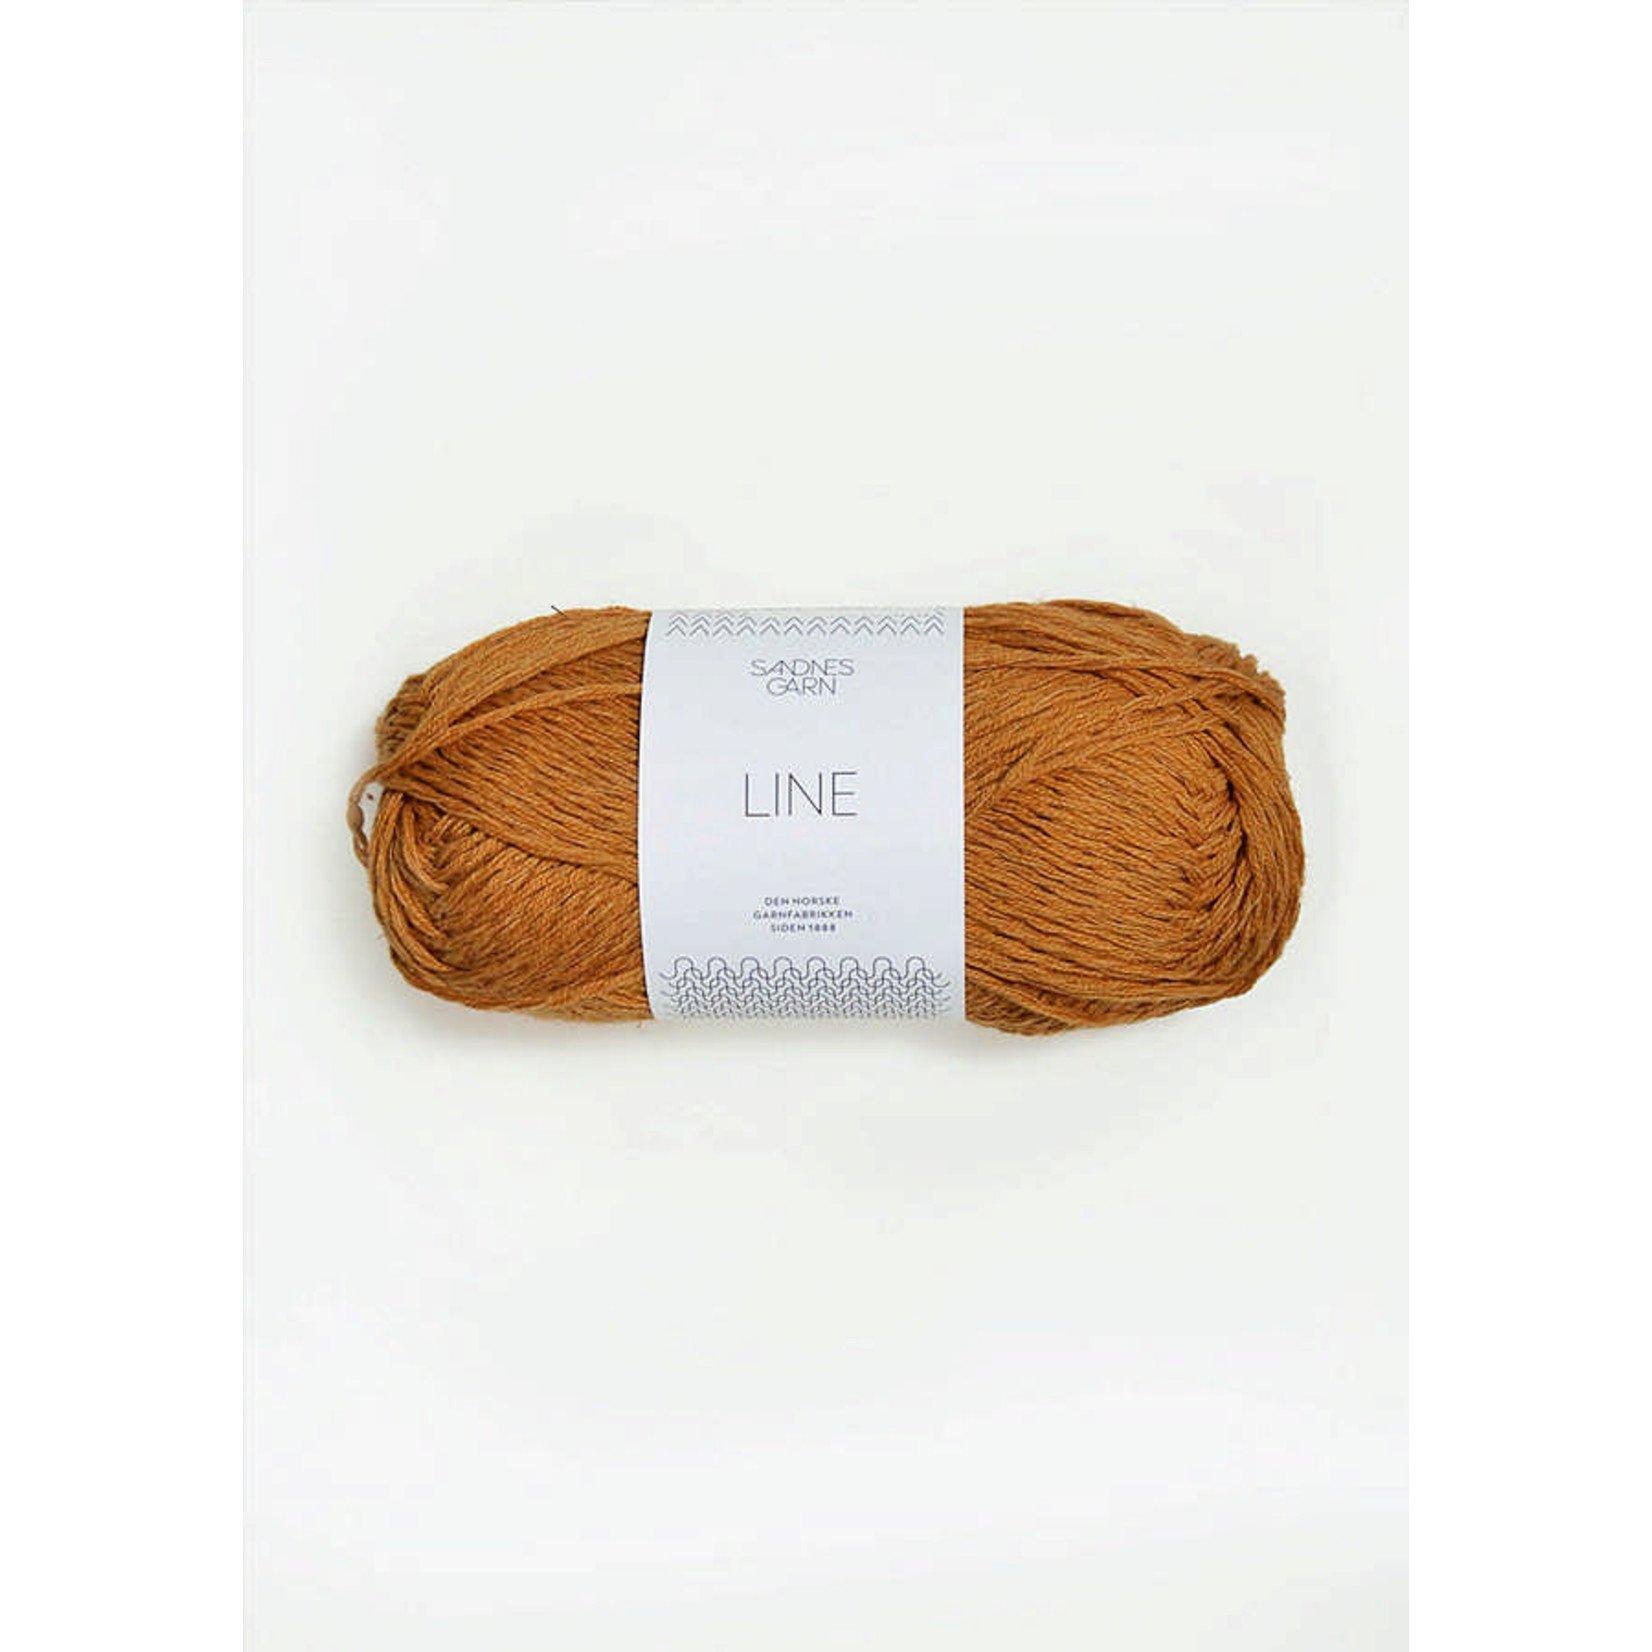 Sandnes Garn Line, 2527, Ochre